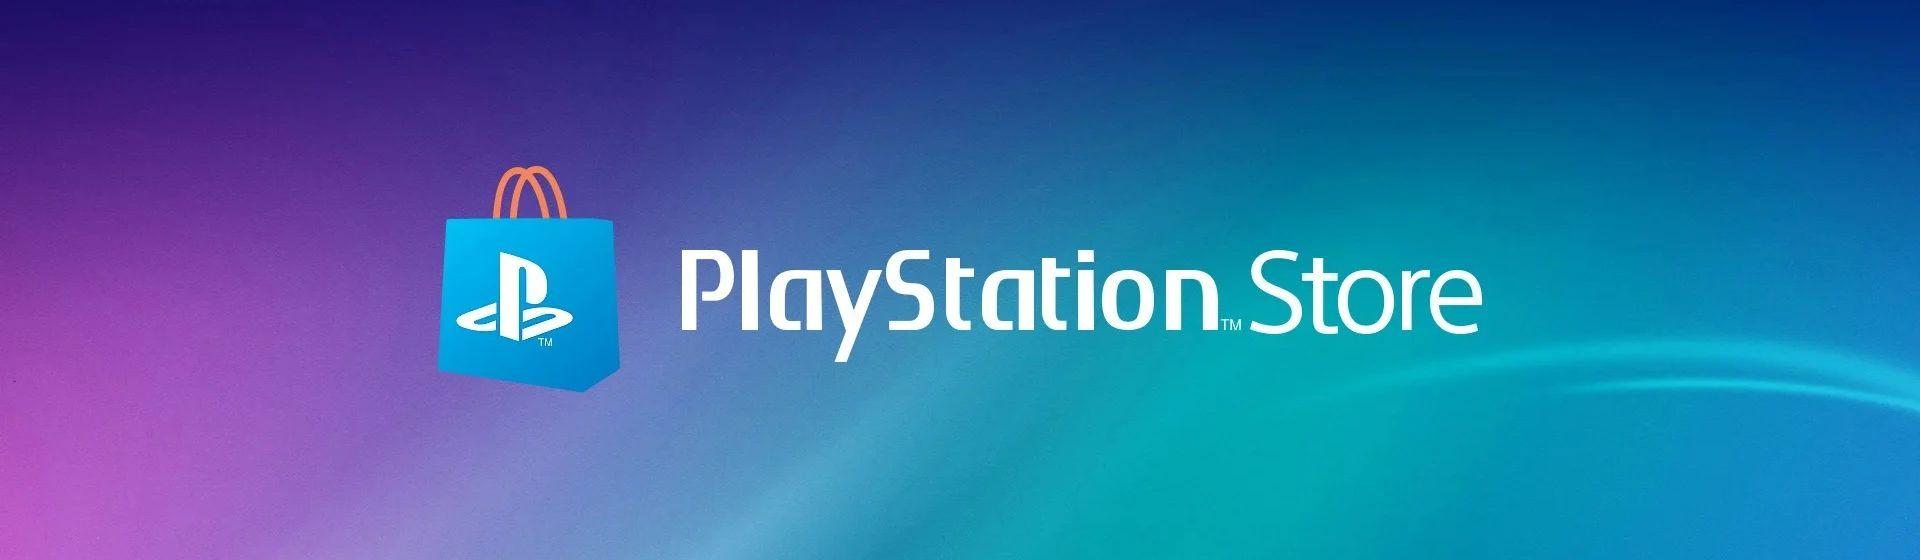 Como fazer o reembolso de conteúdos da PlayStation Store?